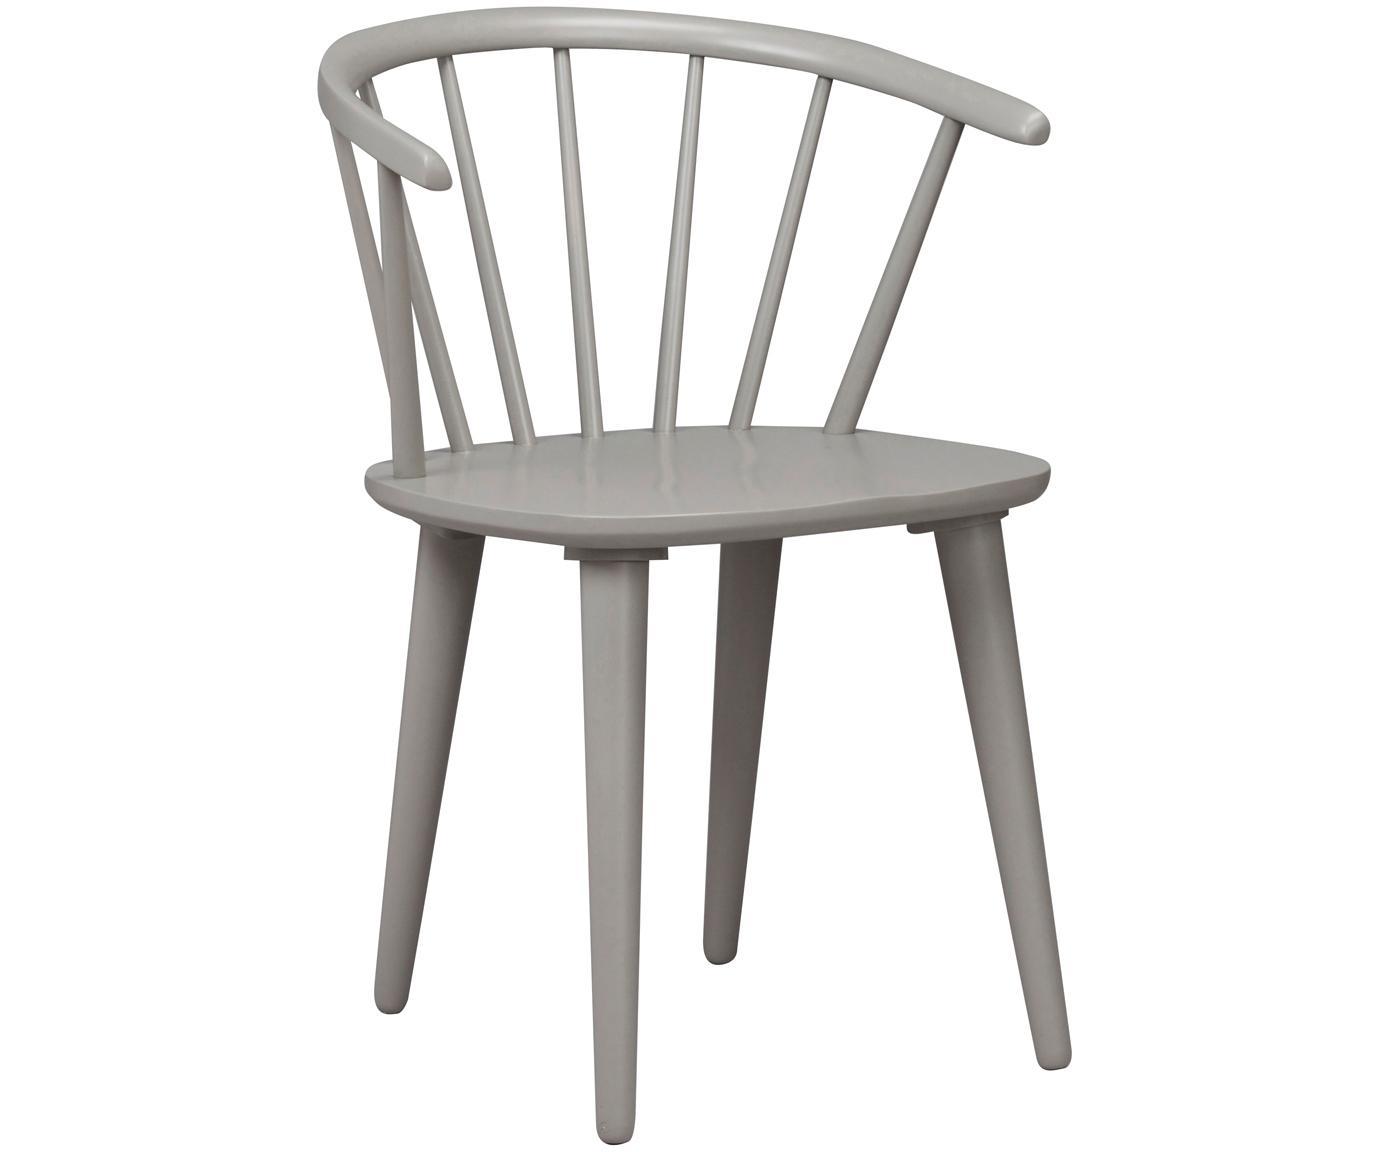 Krzesło z podłokietnikami z drewna  Windsor Carmen, 2 szt., Drewno kauczukowe, lakierowane, Jasny szary, S 54 x W 76 cm